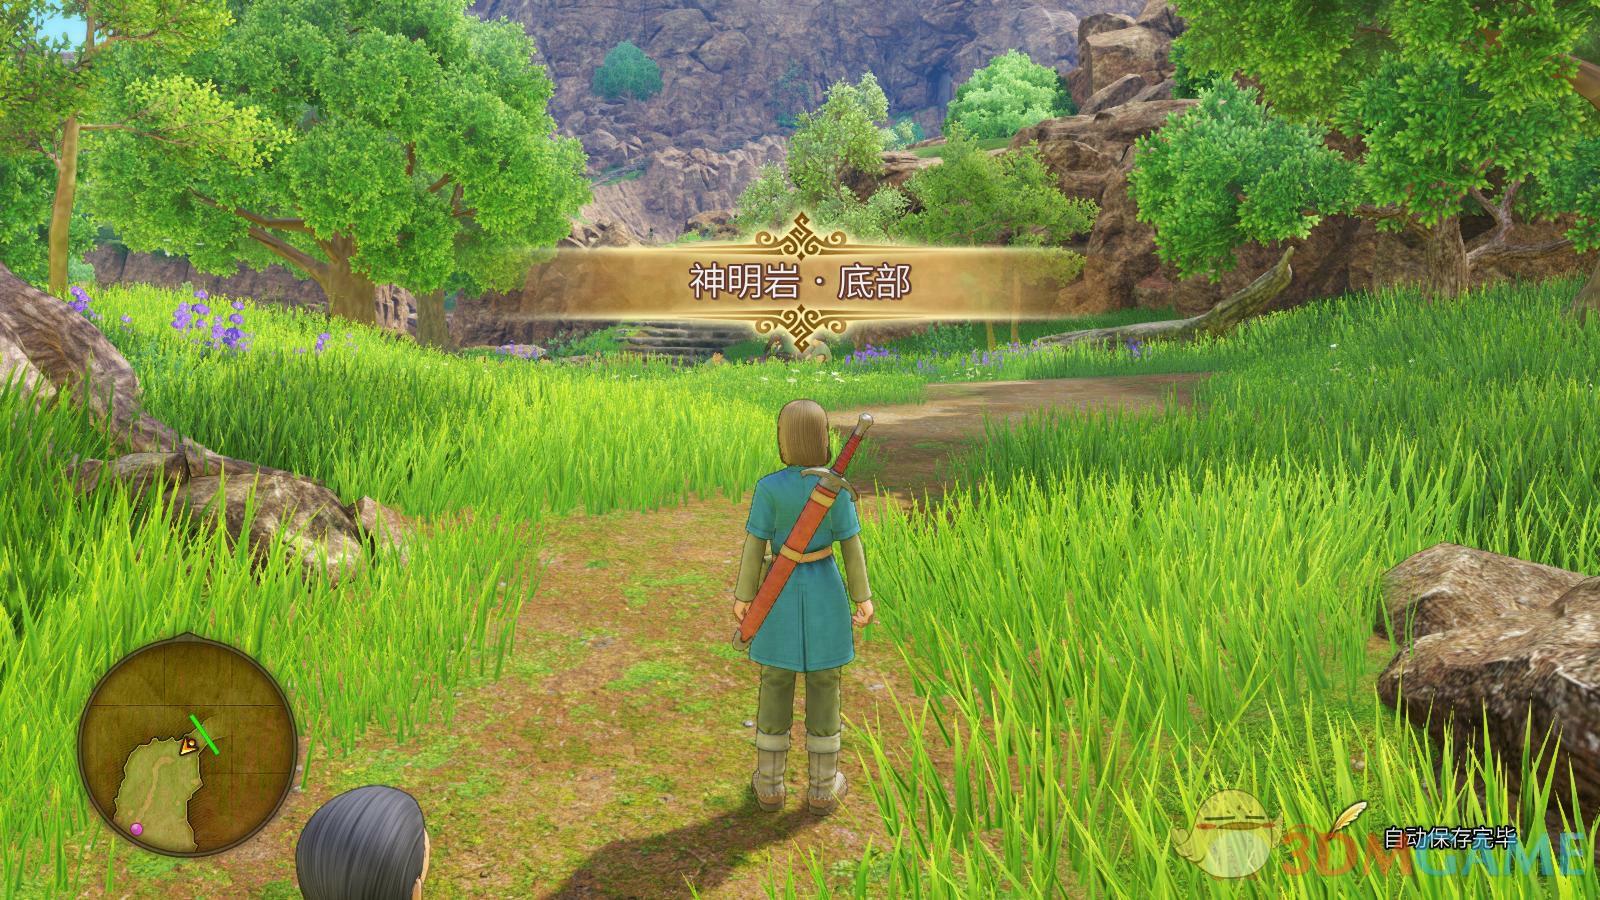 《勇者斗恶龙11》3DM完整汉化补丁下载发布